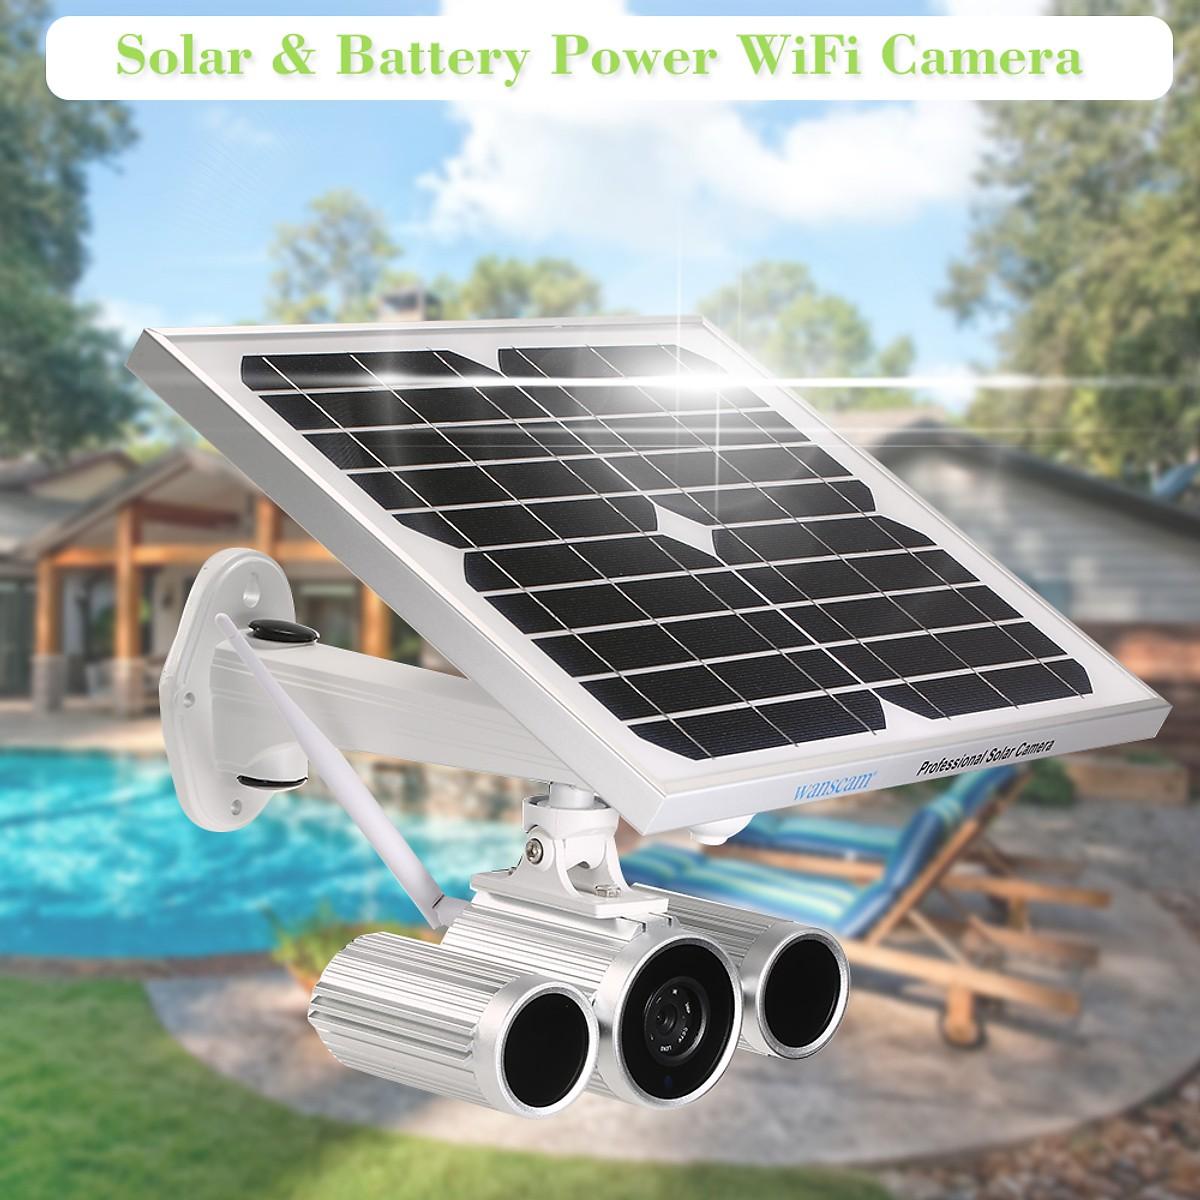 Compo hệ thống camera dùng năng lượng mặt trời, đại lý, phân phối,mua bán, lắp đặt giá rẻ